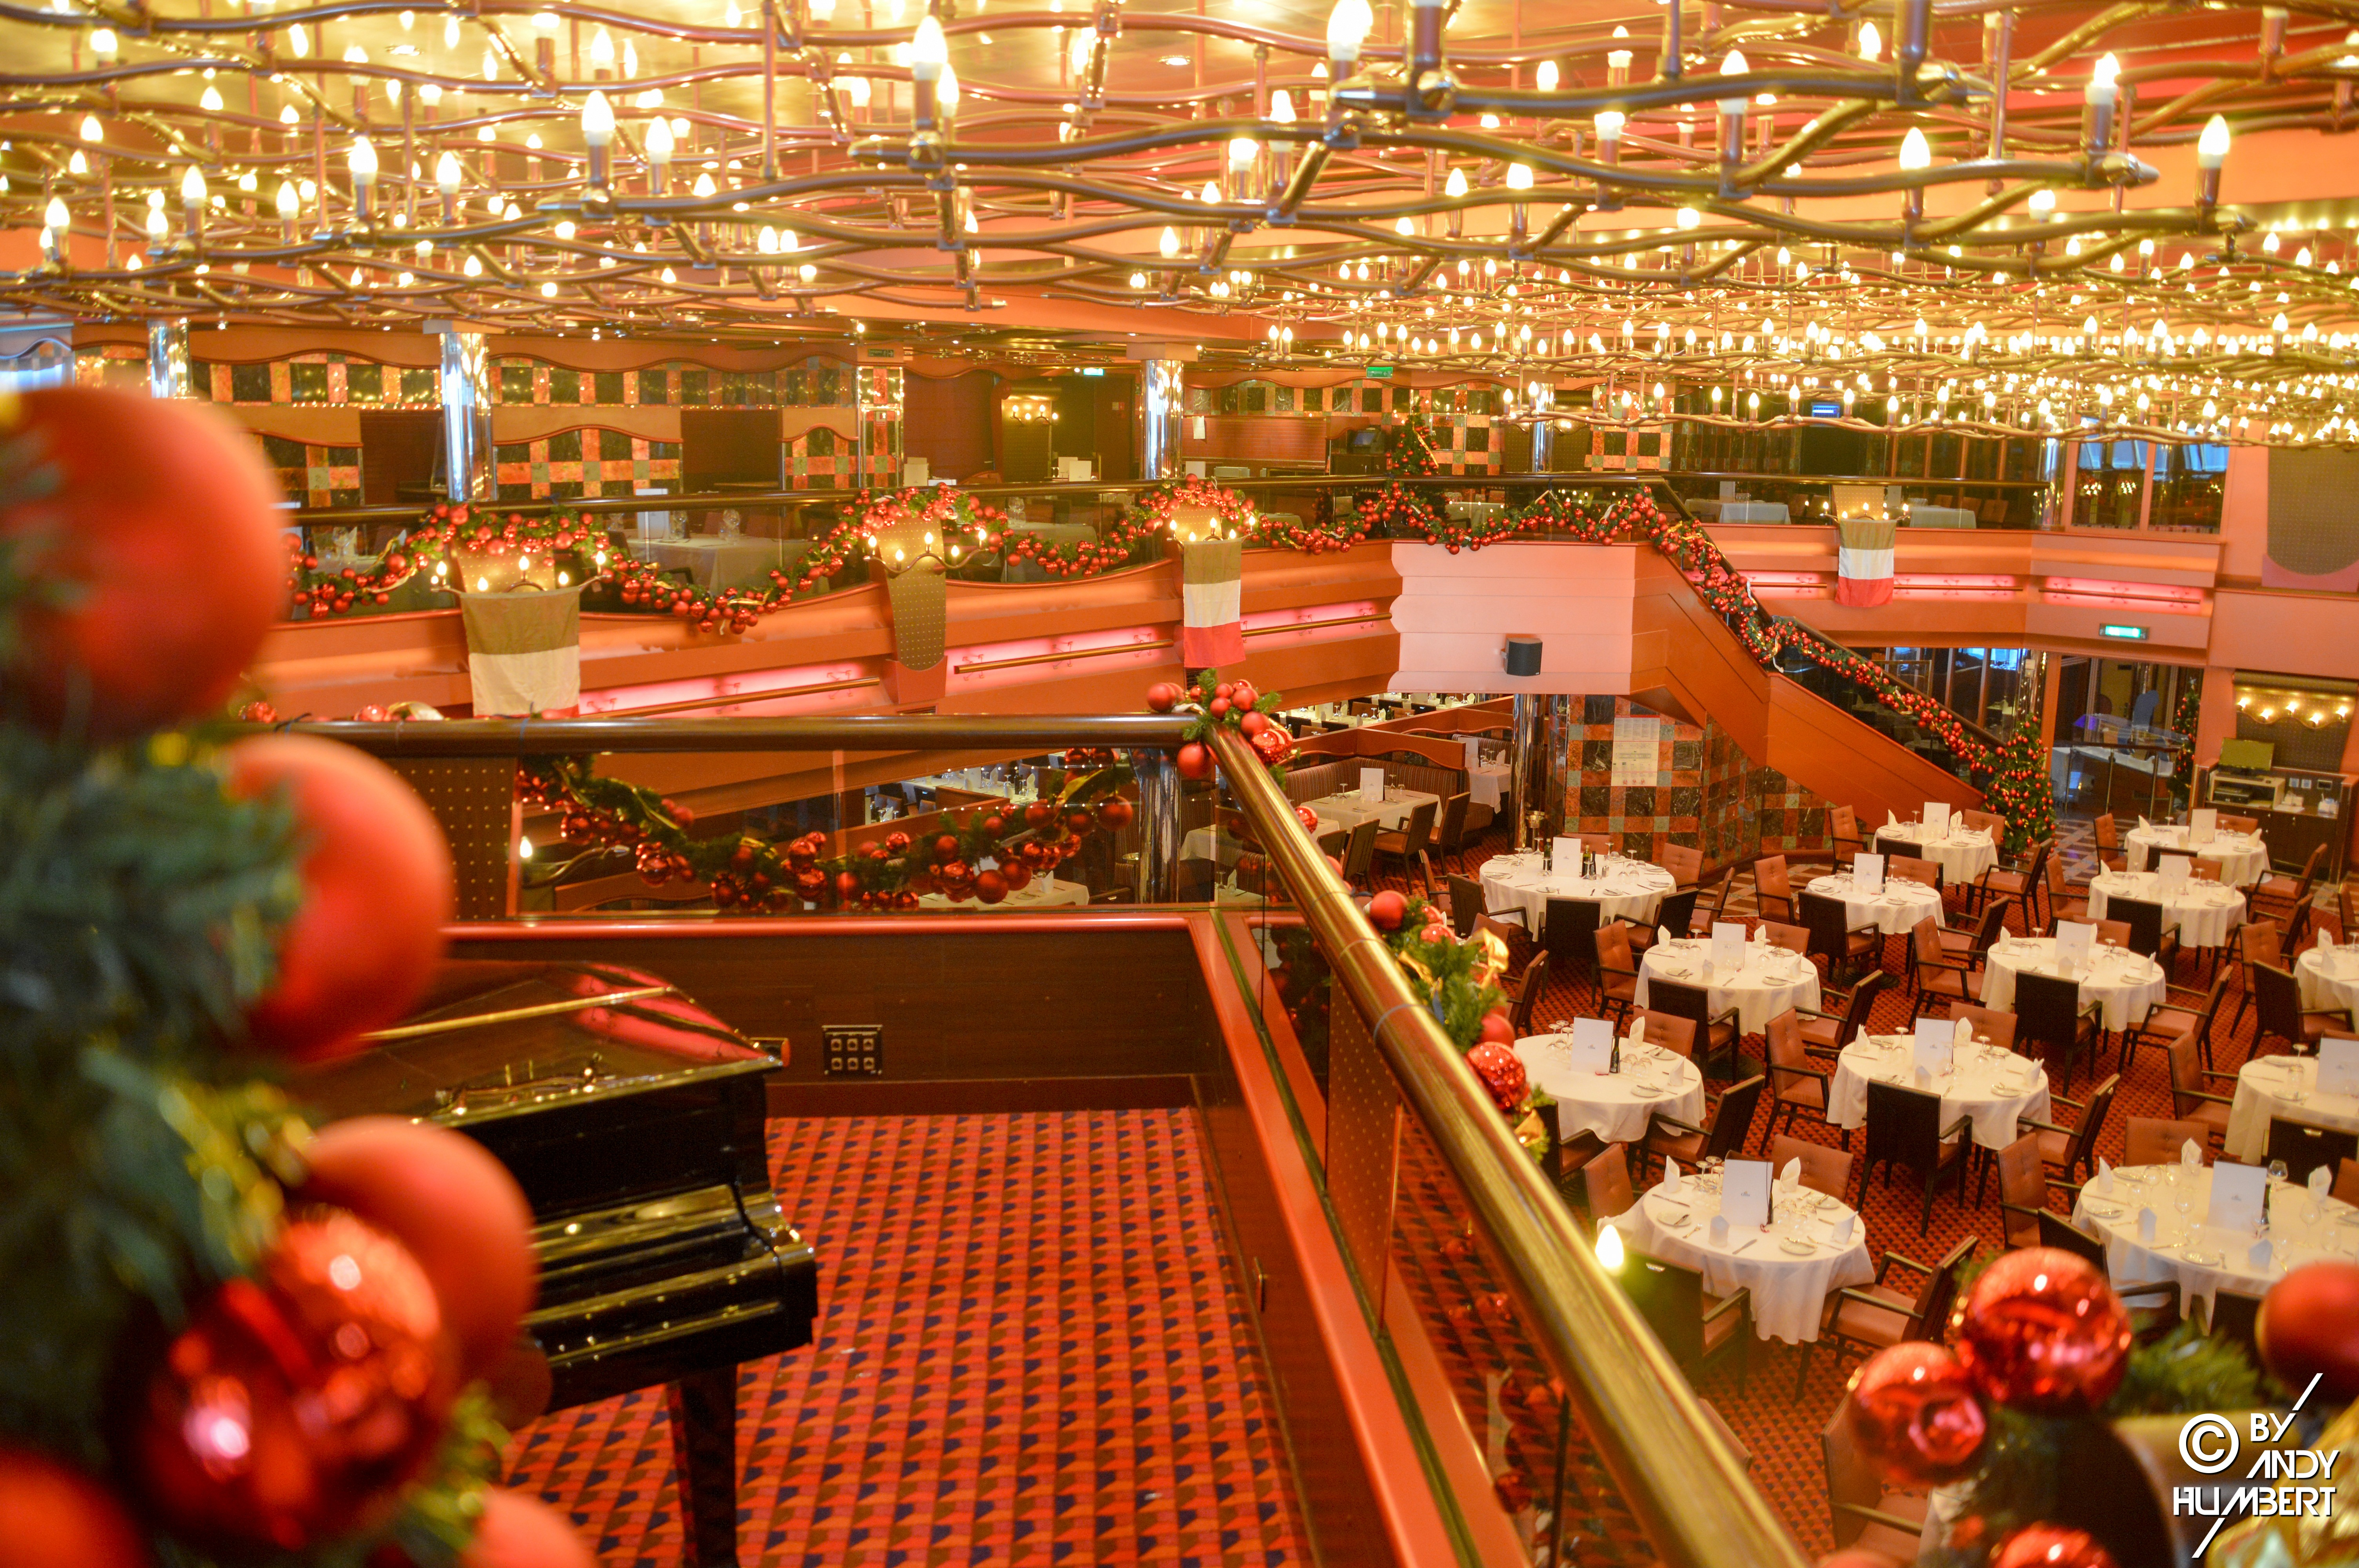 Restaurant New York New York (p.3&4)